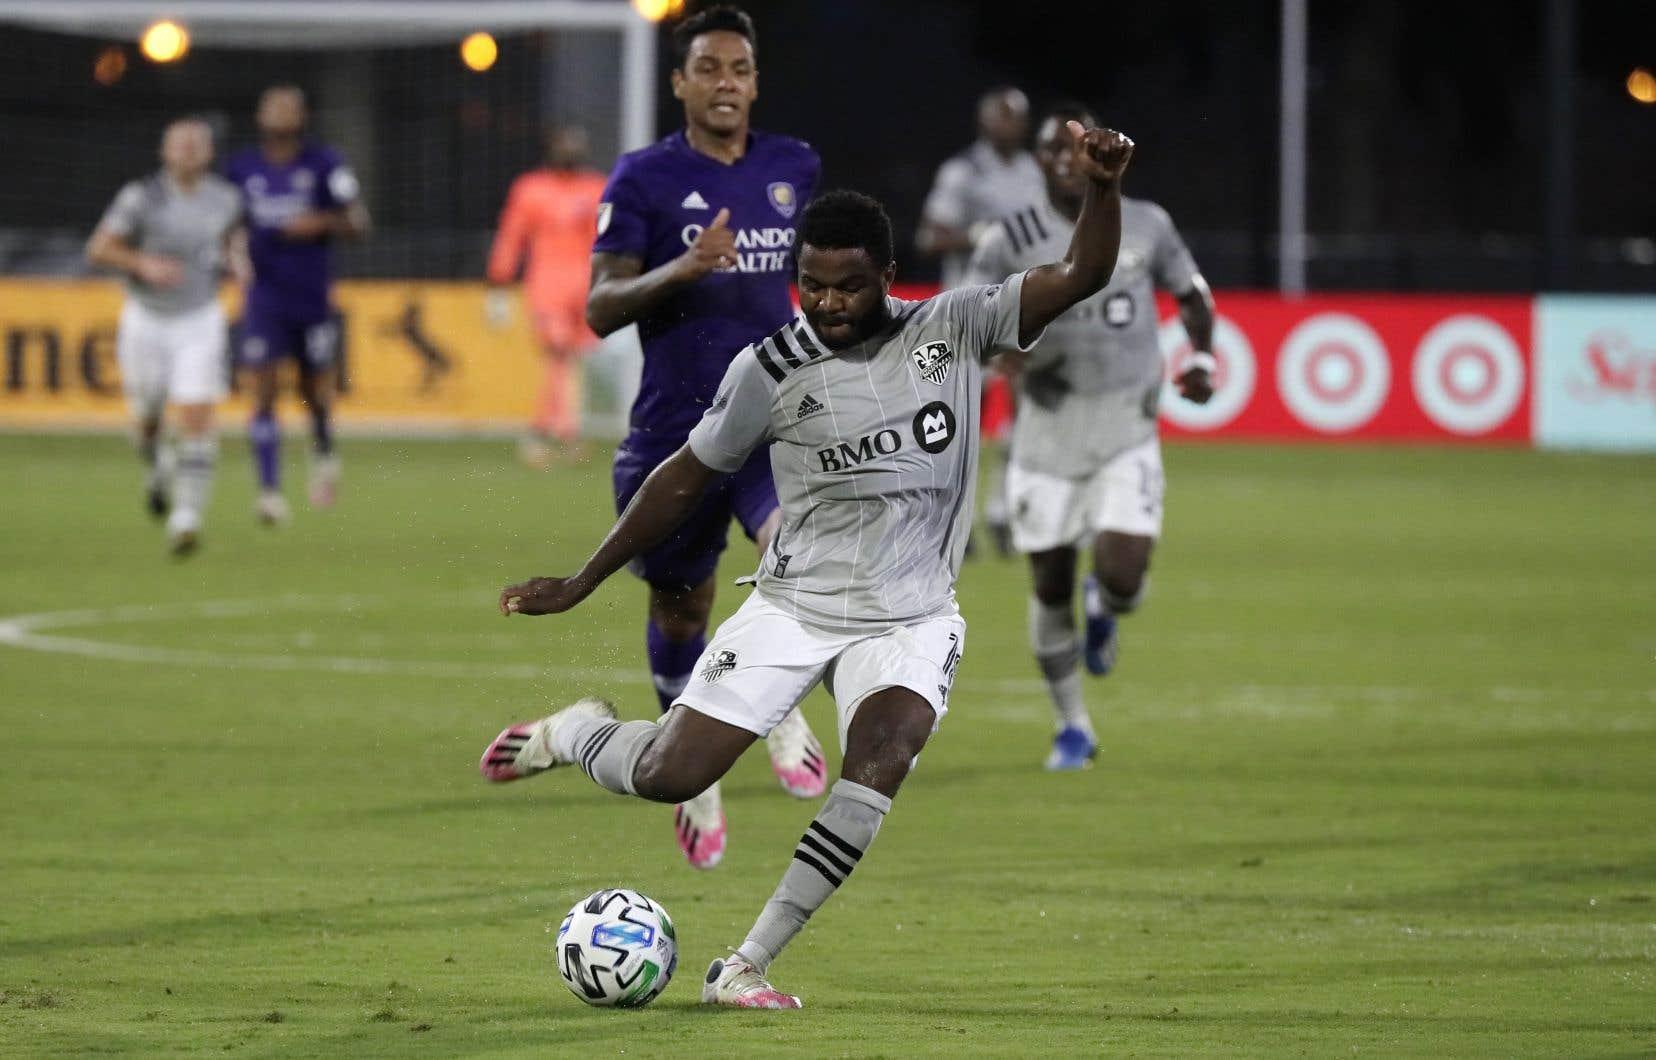 L'Impact de Montréal avait encaissé un revers crève-coeur de 1-0 contre la formation floridienne lors des huitièmes de finale du tournoi de relance de la MLS, à Lake Buena Vista en juillet.